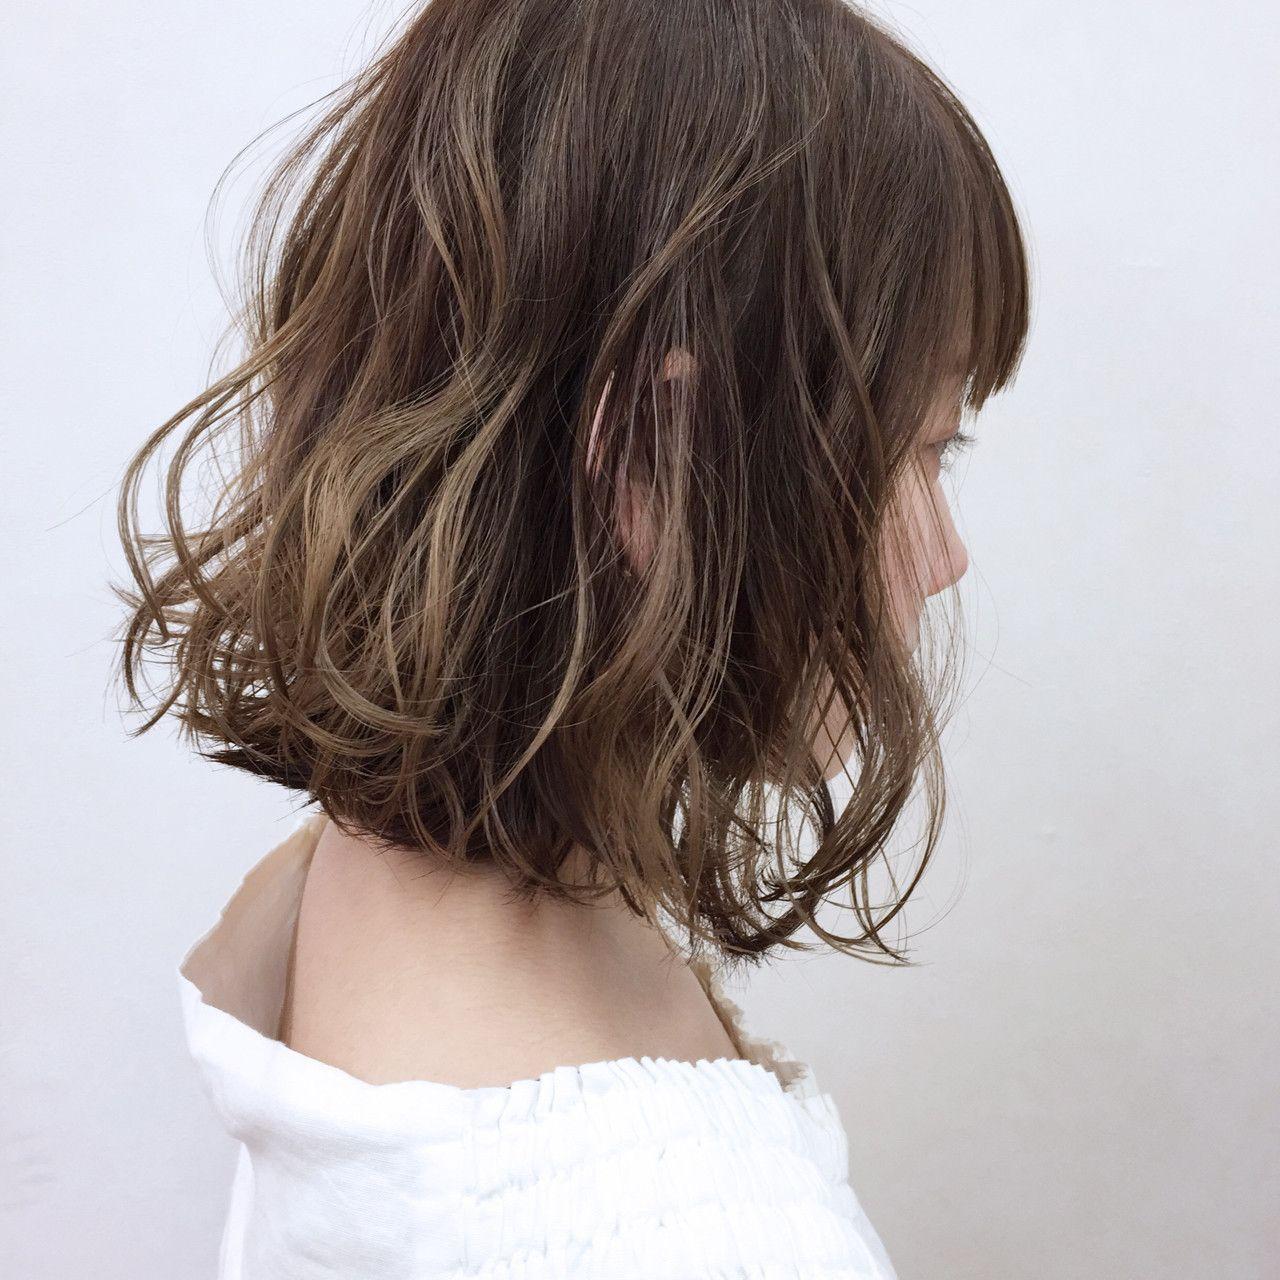 くせ毛さんだってボブはできる くせ毛を活かしたボブスタイル Hair ボブパーマ パーマスタイル ヘアスタイル ボブ